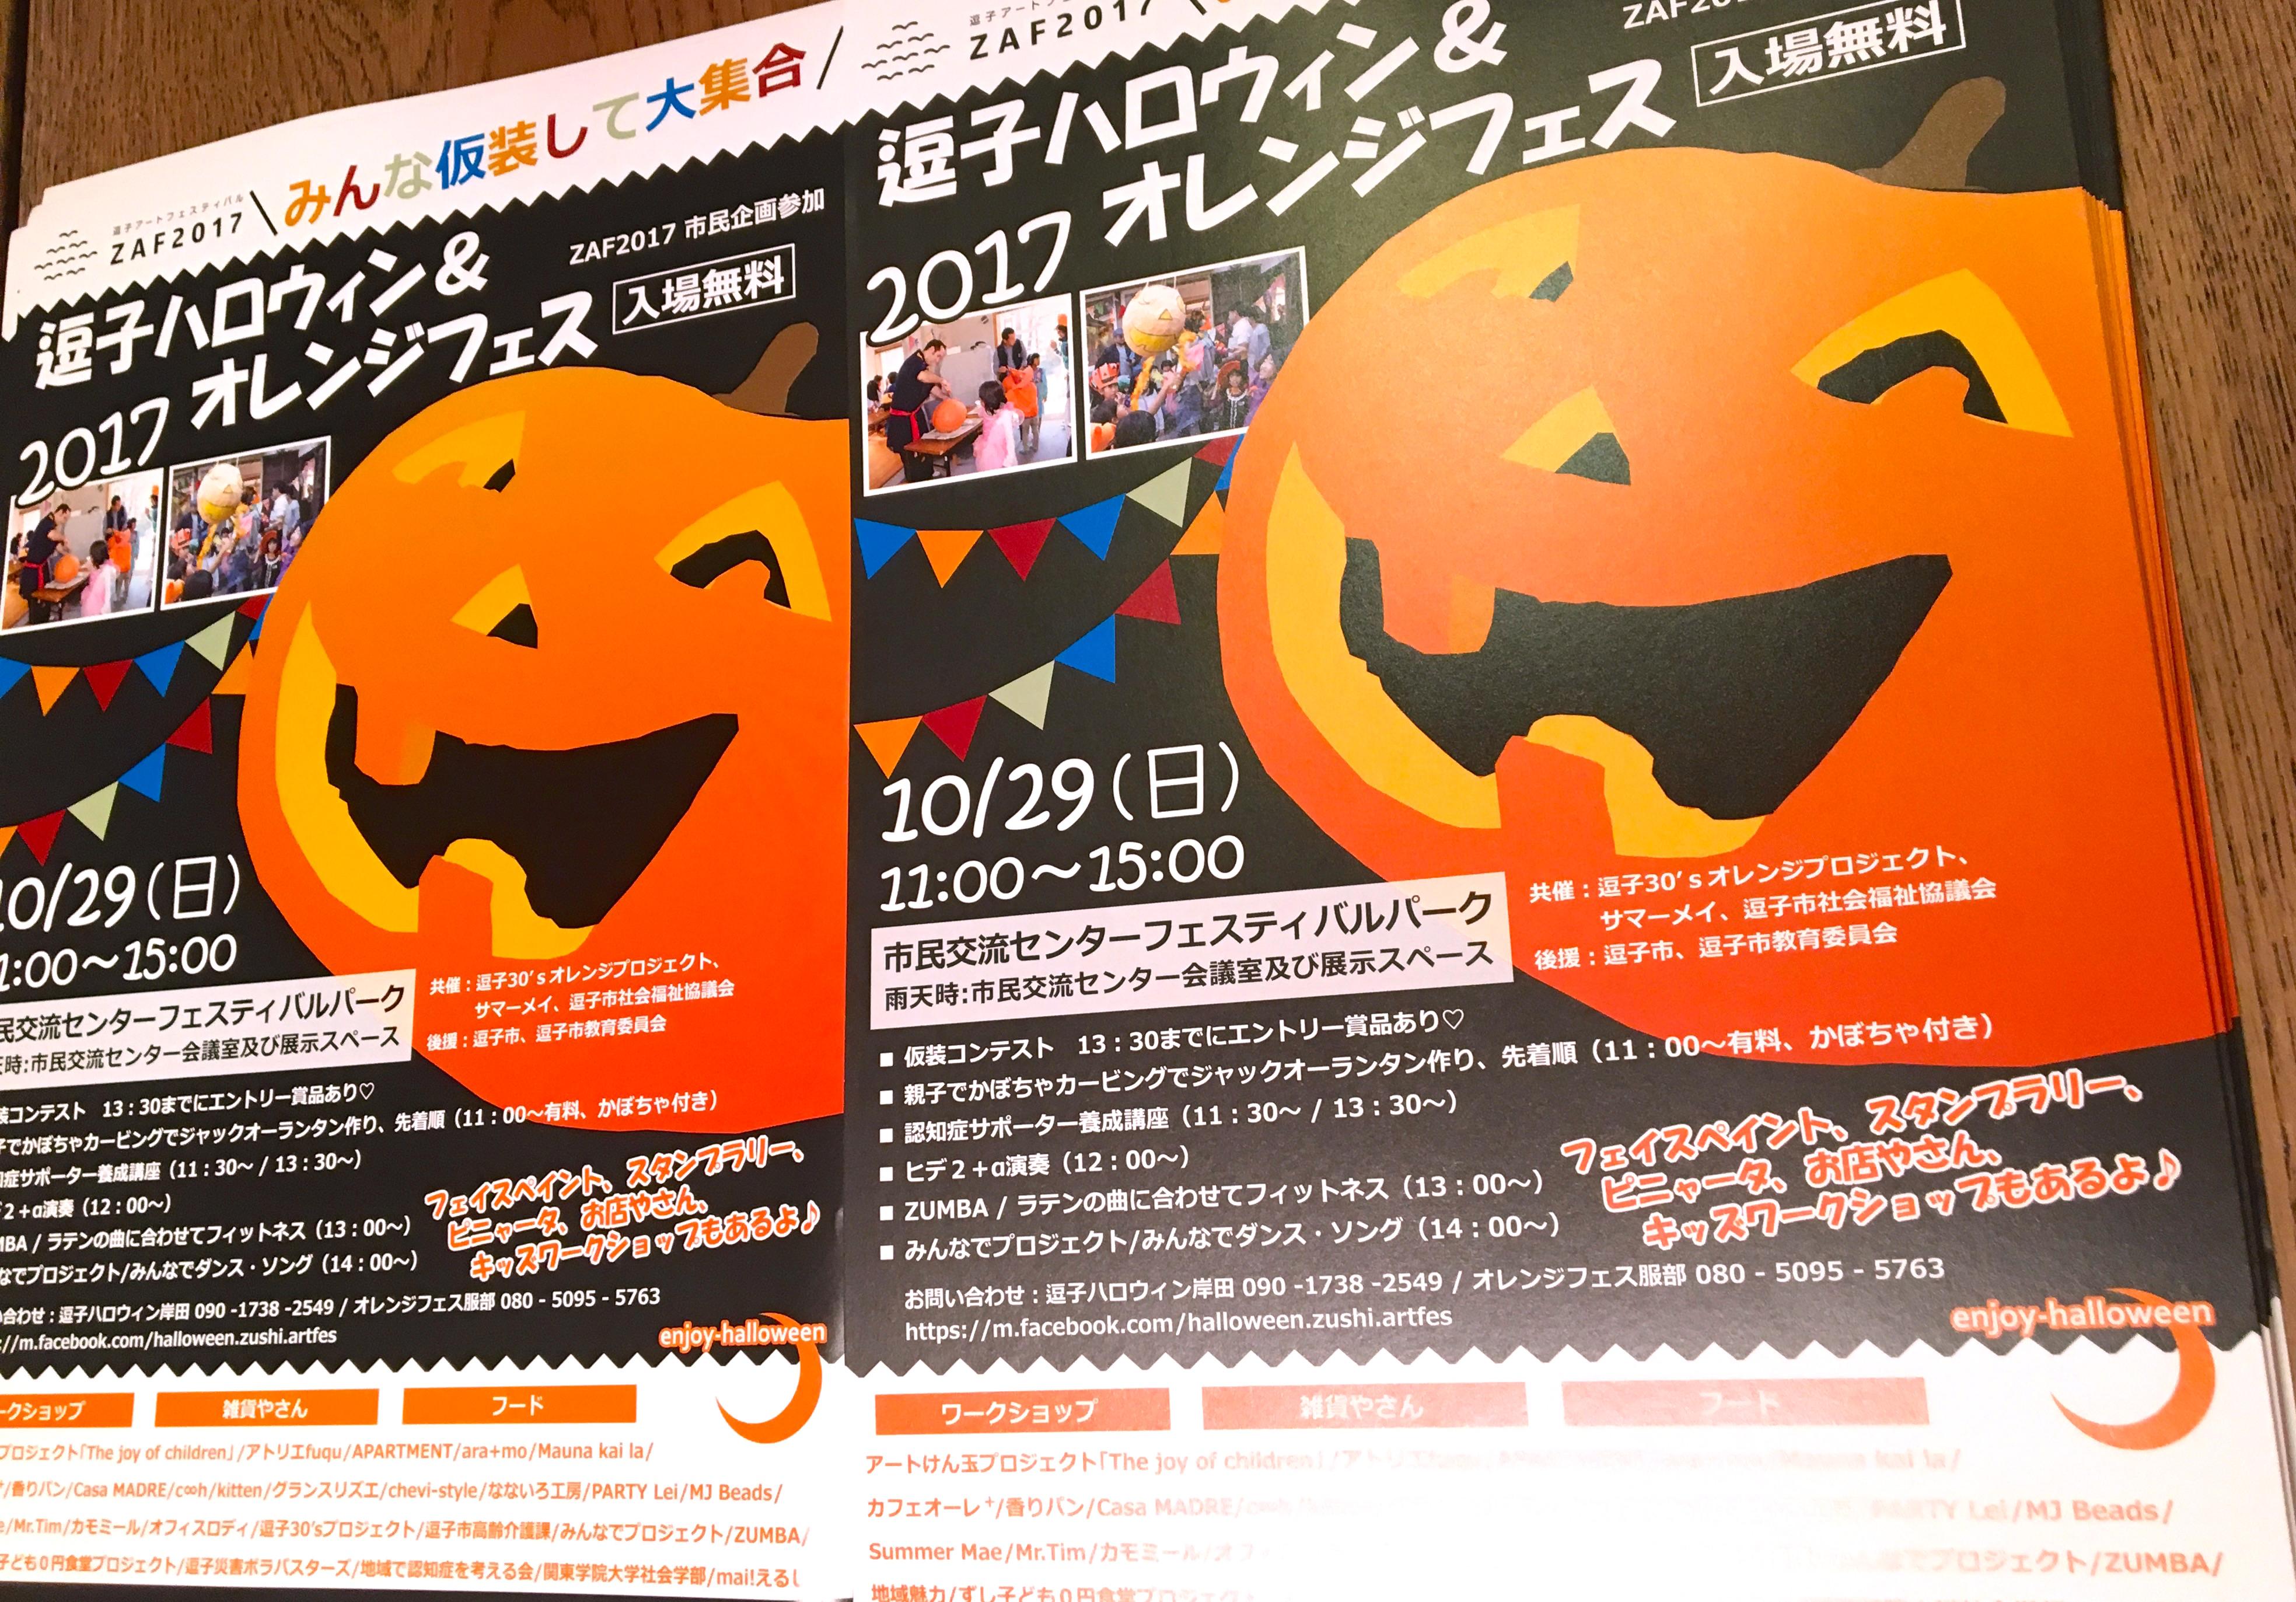 逗子ハロウィン&オレンジフェス2017を来週日曜(10/29)に開催!